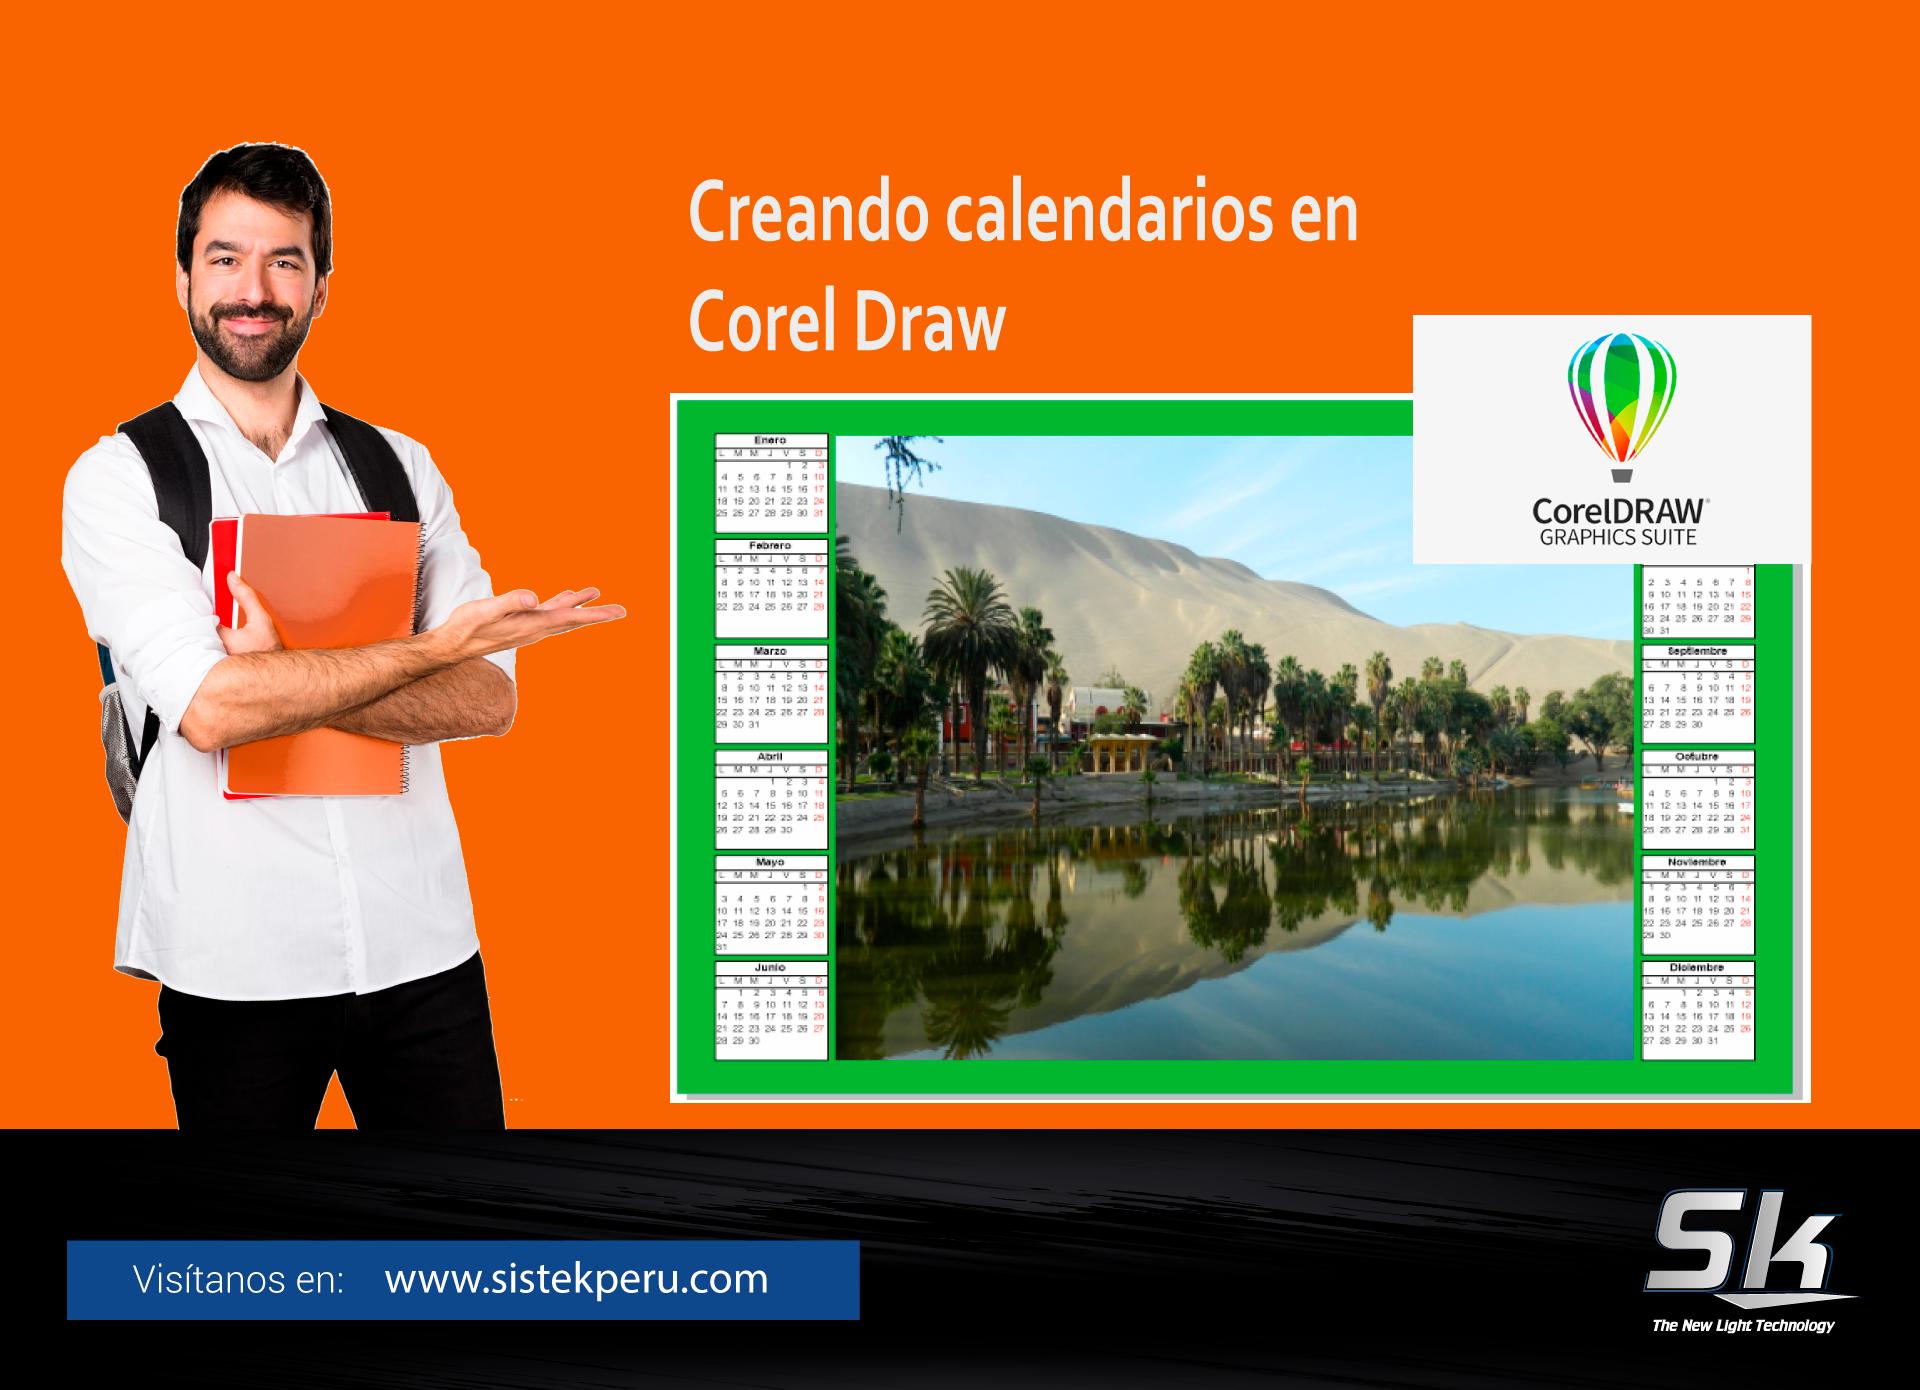 Creando calendarios en Corel Draw